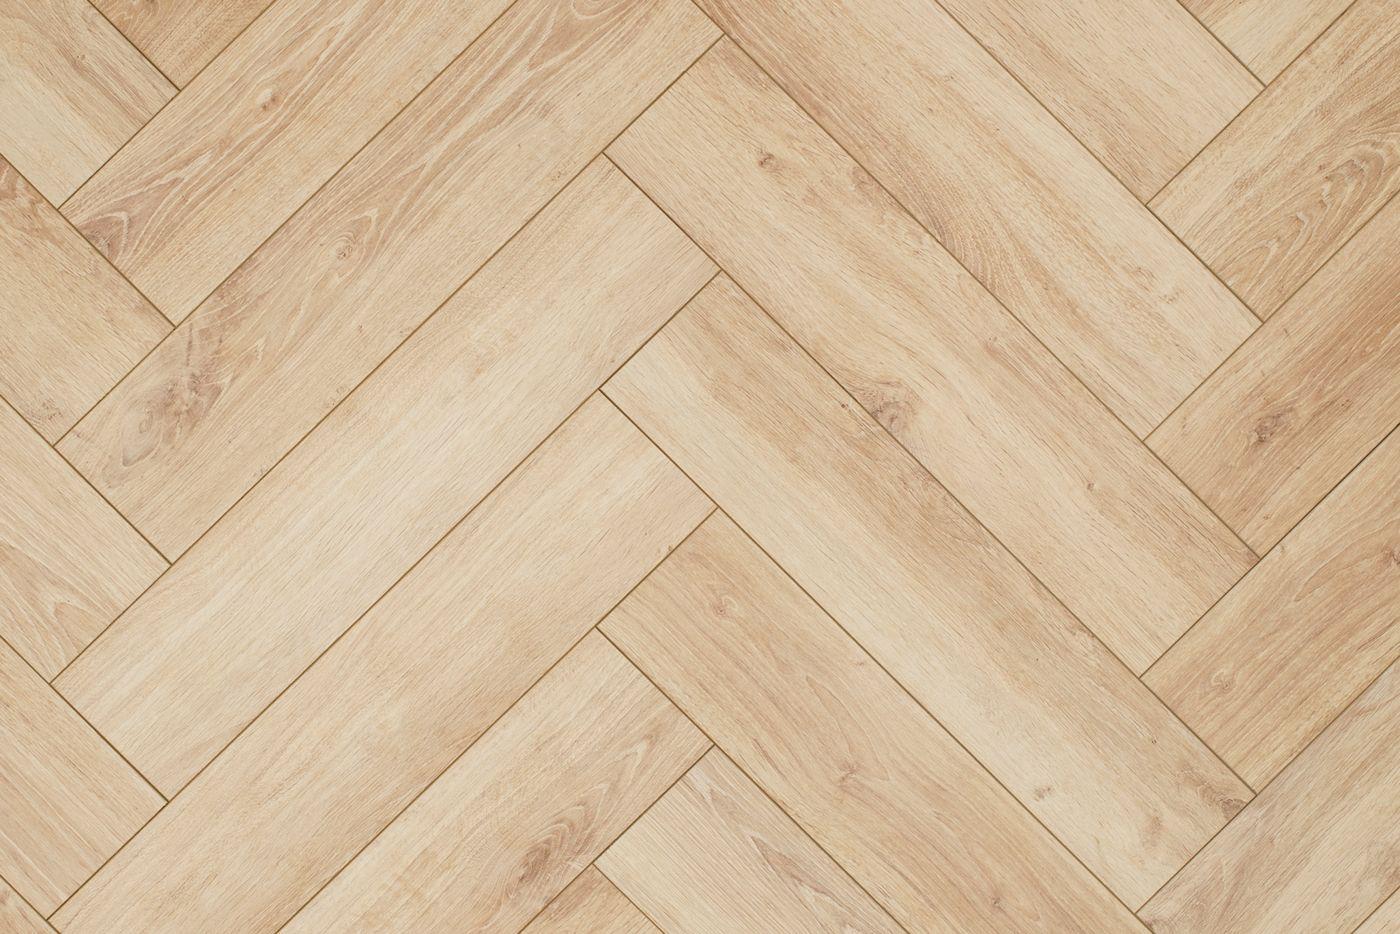 Laminaat Wit Eiken : Floer visgraat laminaat vloeren mat wit eiken patroon vloer